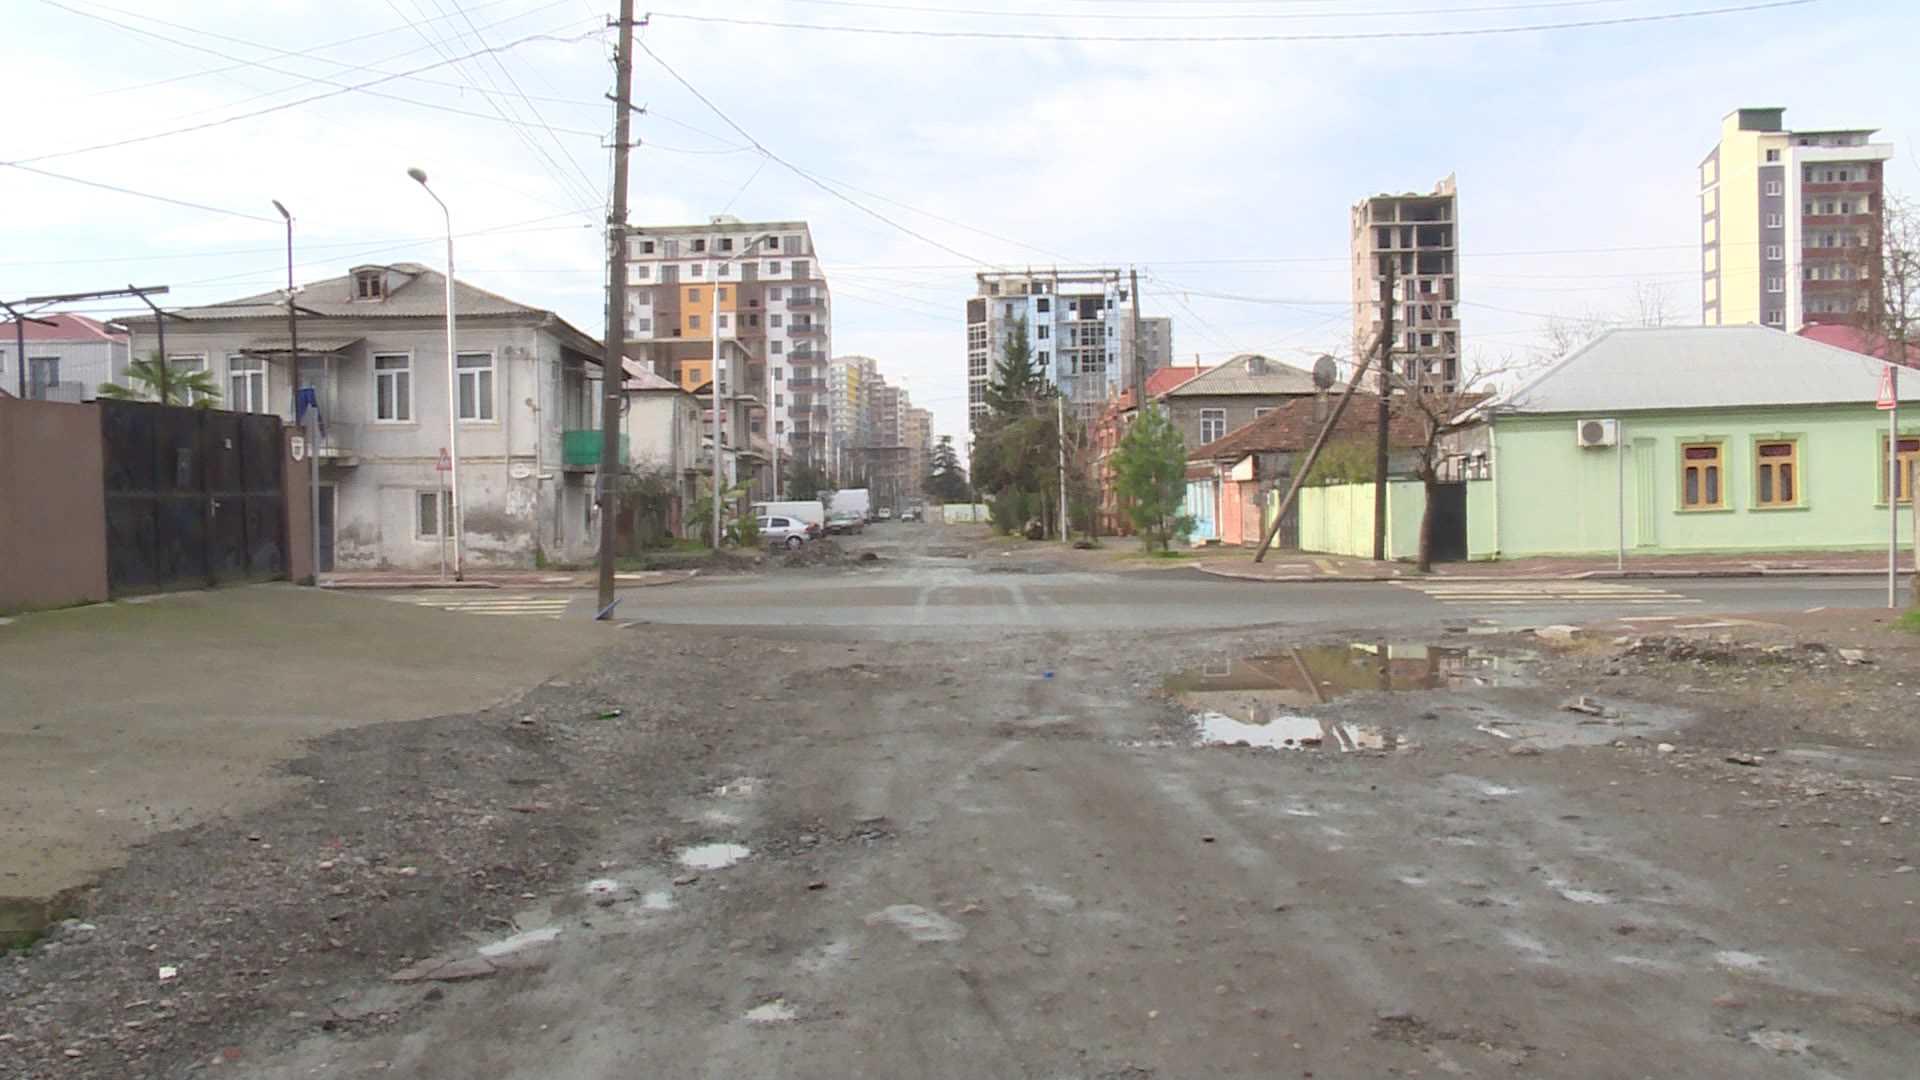 ათეული წლები მოპირკეთებული ქუჩის მოლოდინში -  ჭაობის რეაბილიტაცია